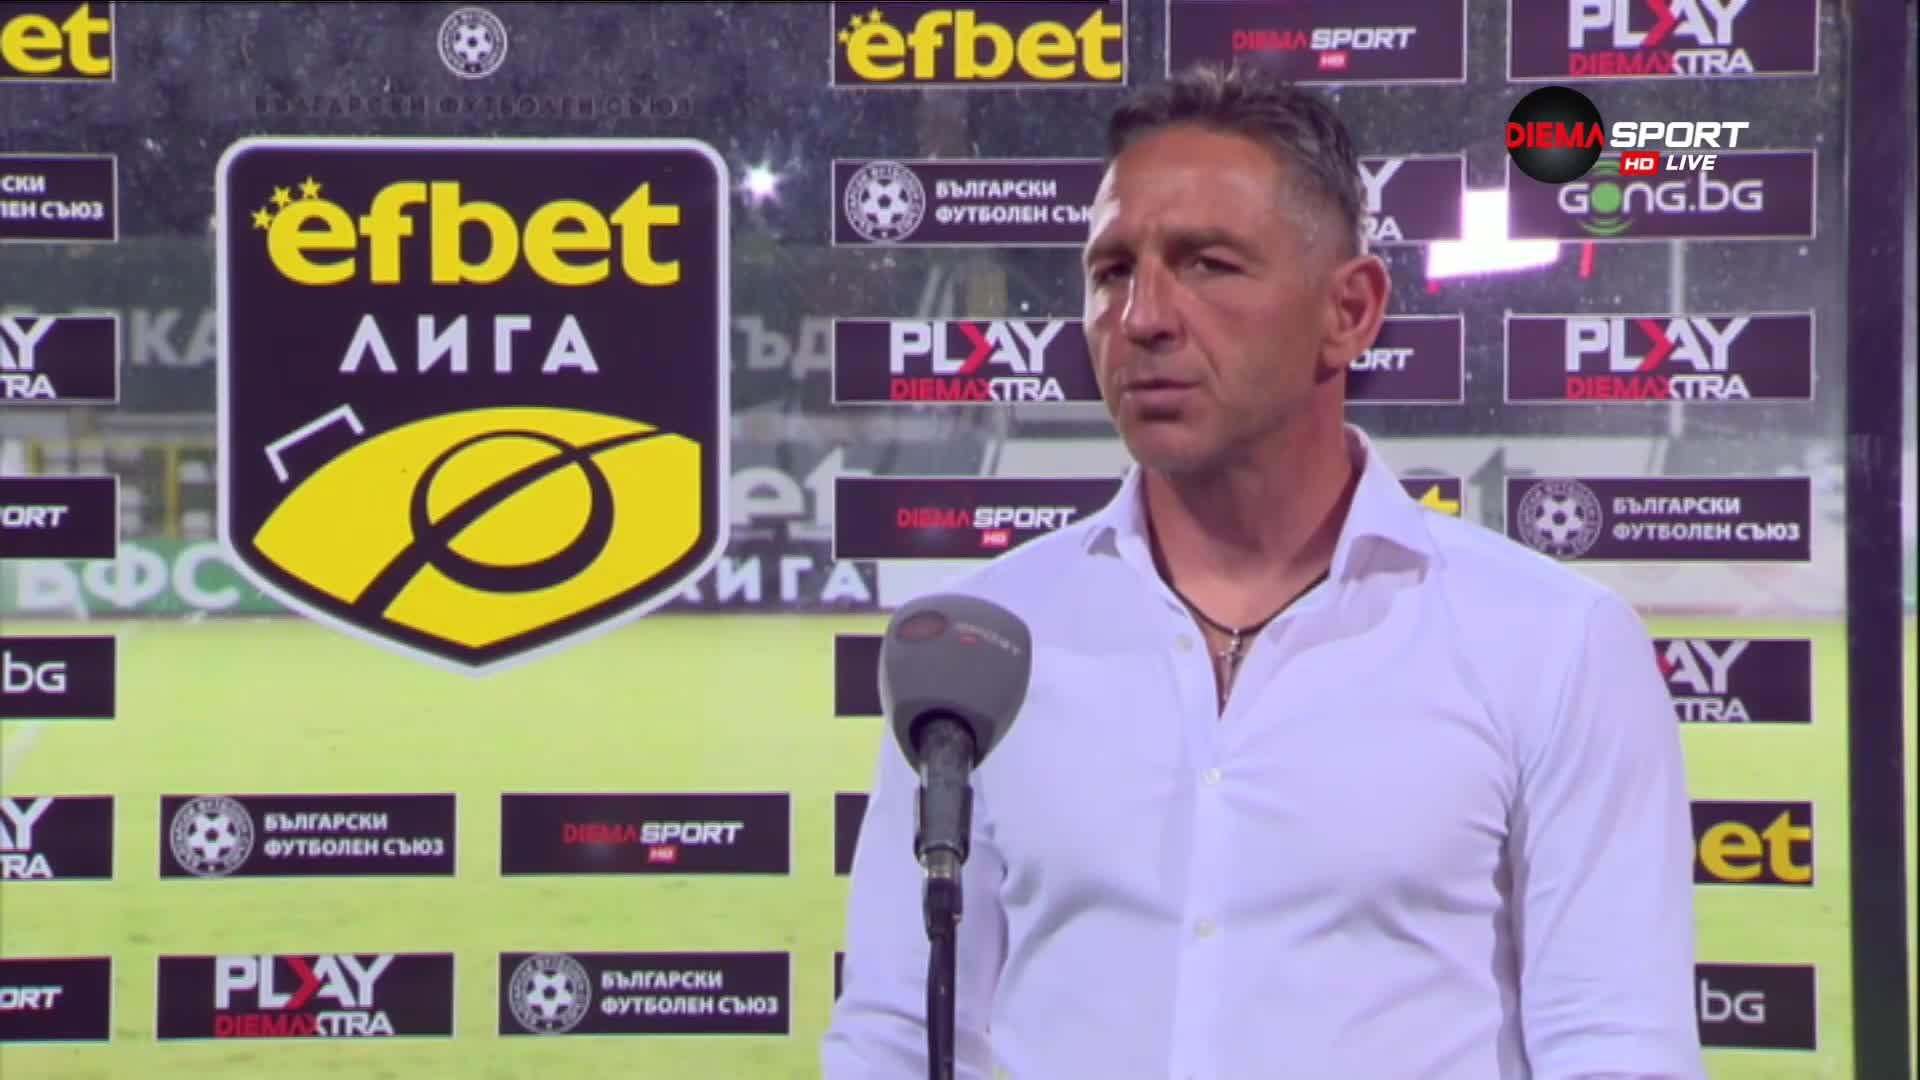 Петър Колев: Този отбор има нужда от време да се обиграе